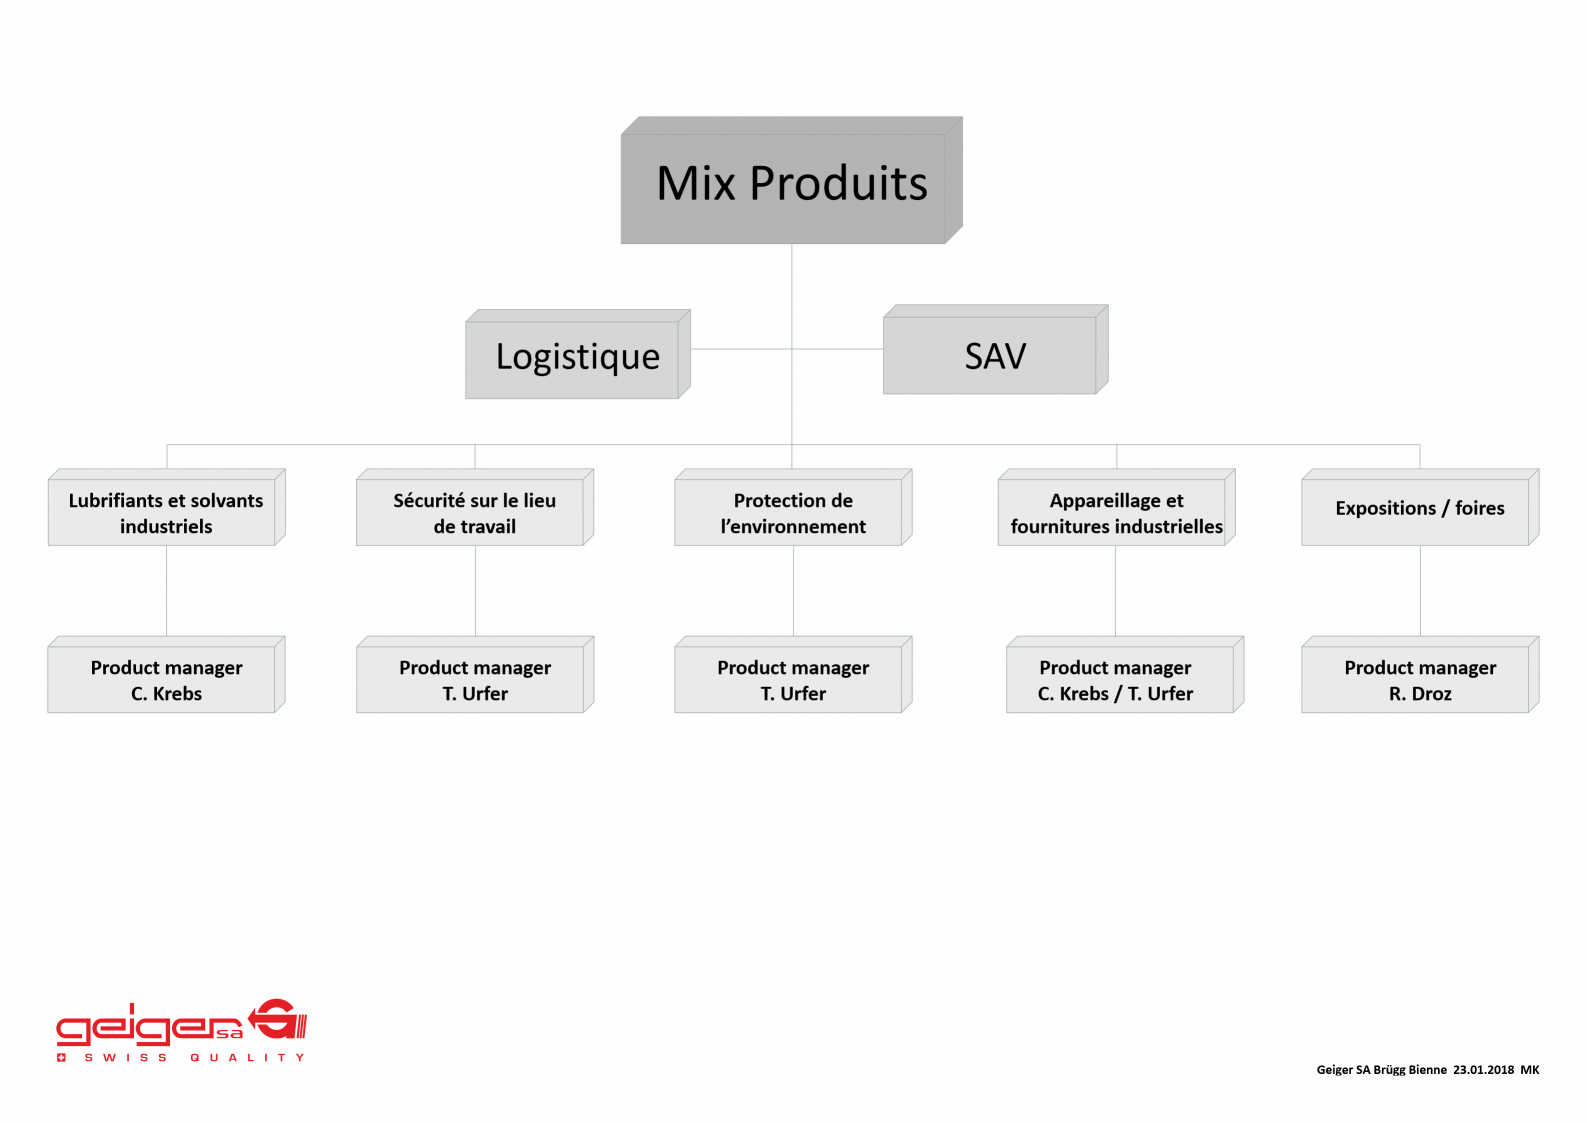 Mix Produits